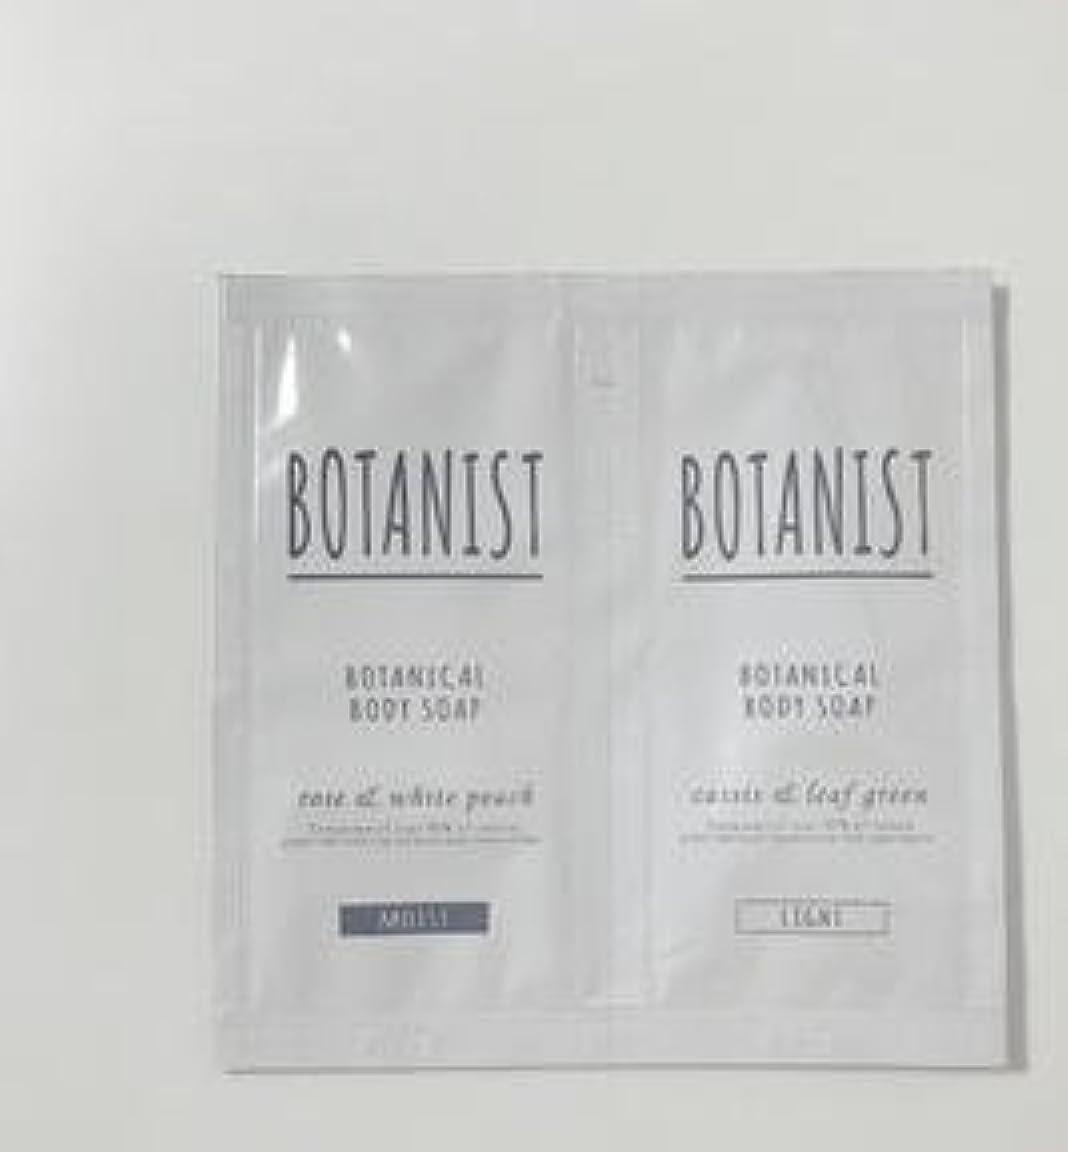 経歴声を出して日光BOTANIST ボタニカル ボディーソープ ライト&モイスト トライアルセット 8ml×2 (ライト&モイスト, 1個)